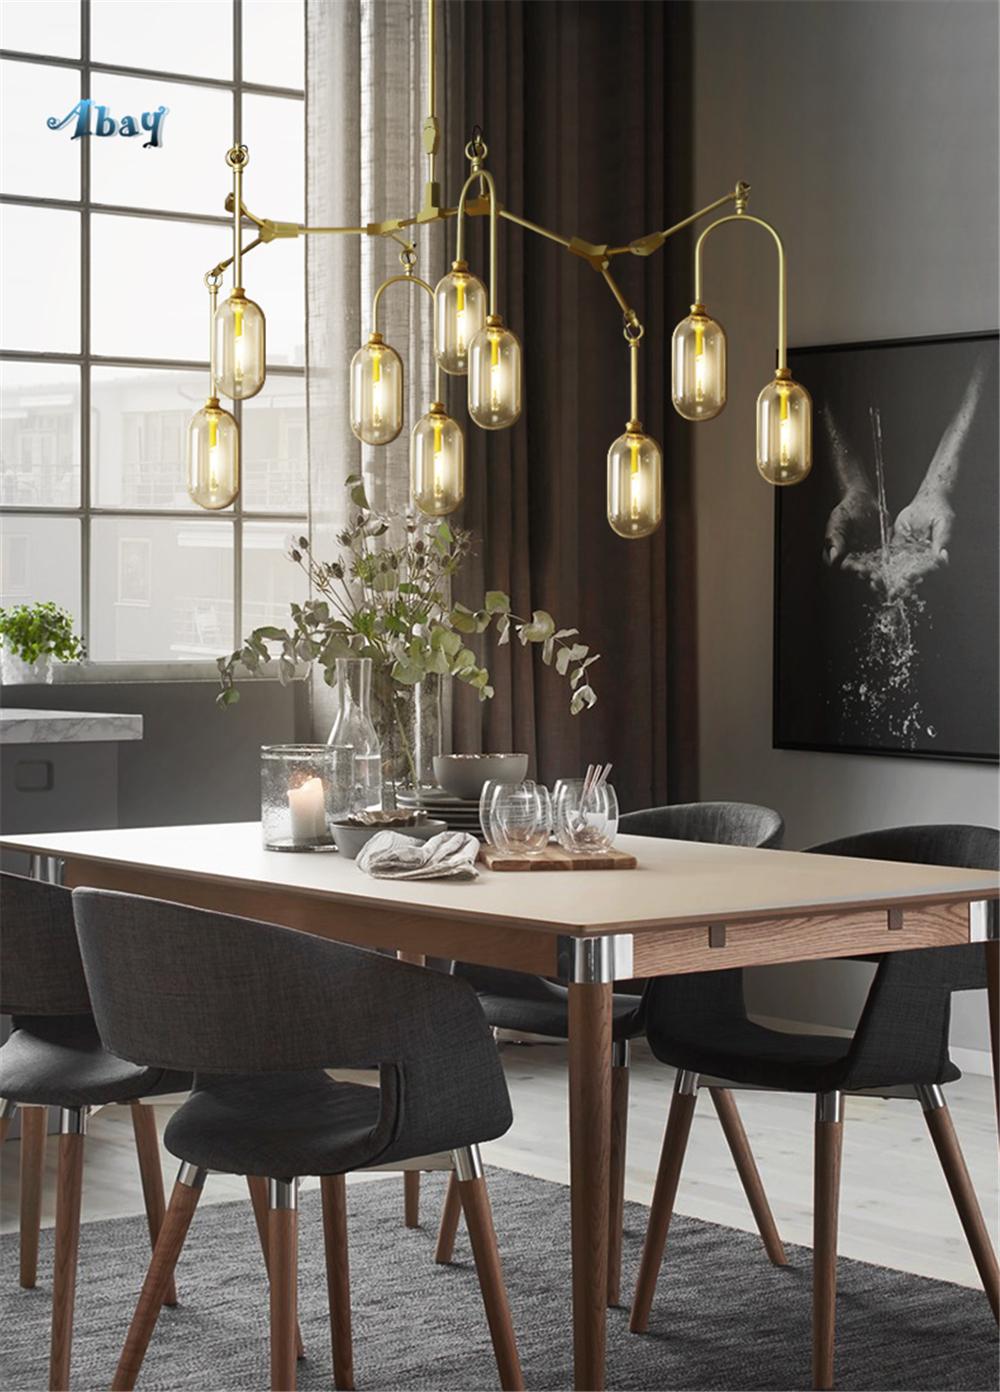 Großhandel Nordic Art Deco Capsule Branches Shape Kronleuchter Beleuchtung  Für Wohnzimmer Hall Lampen Für Esszimmer Led Hanging Chandelier Von ...